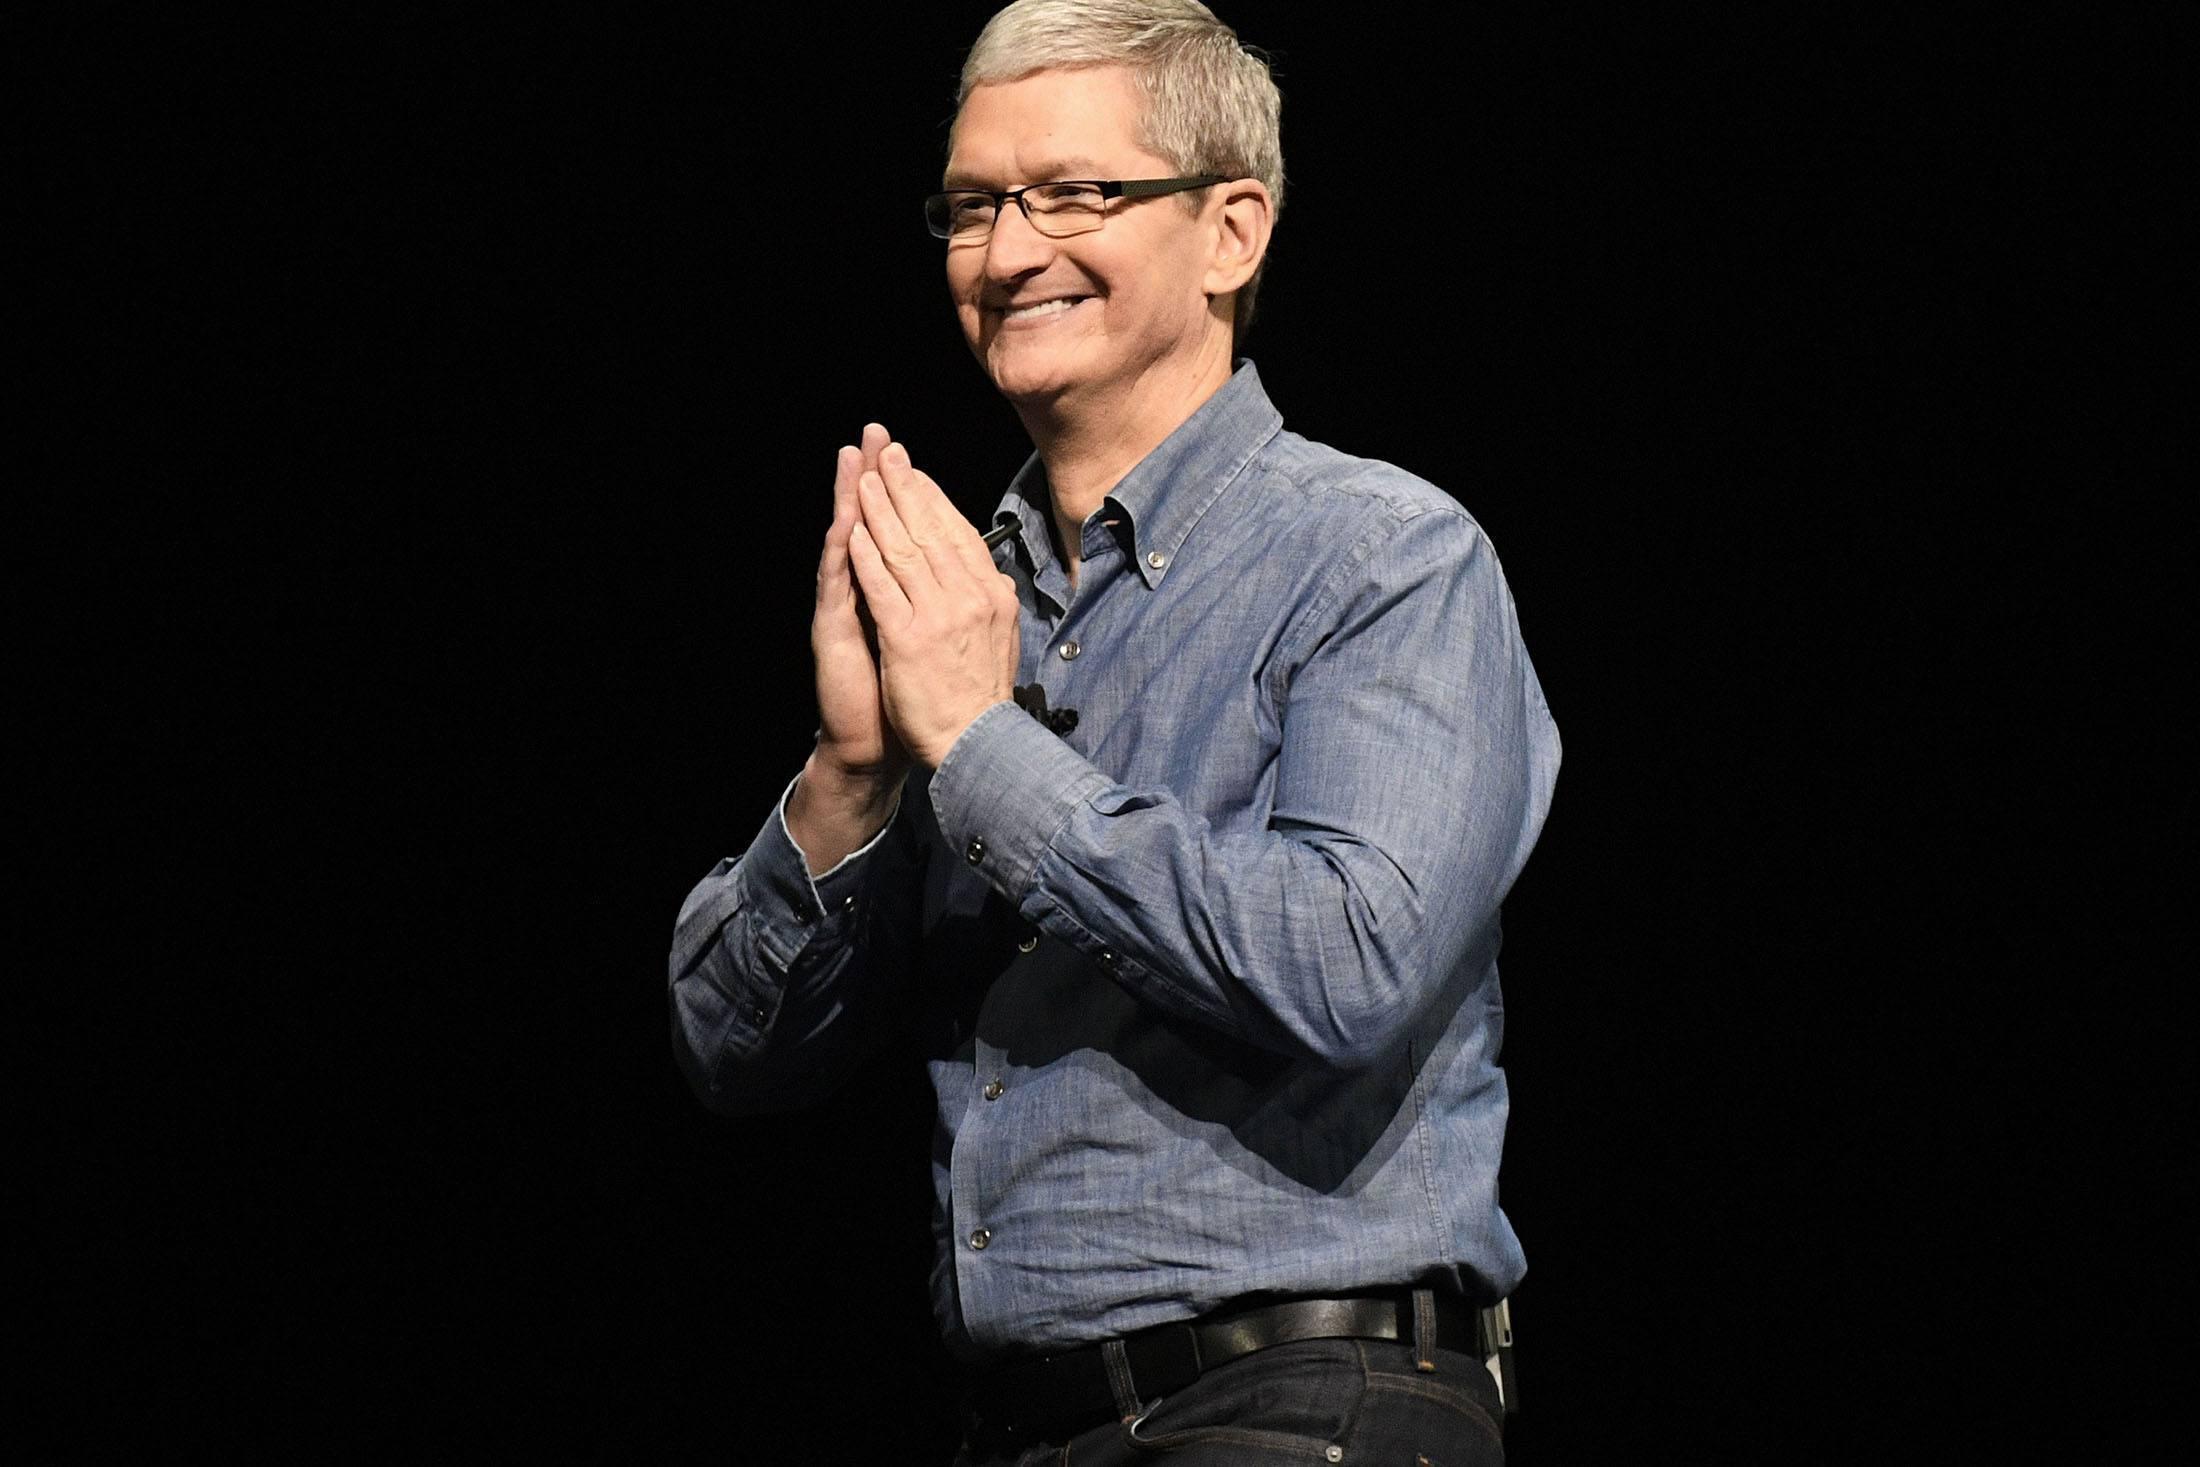 聊天宝团队解散,罗永浩早已退出 苹果 高通偷我们的工程师创意